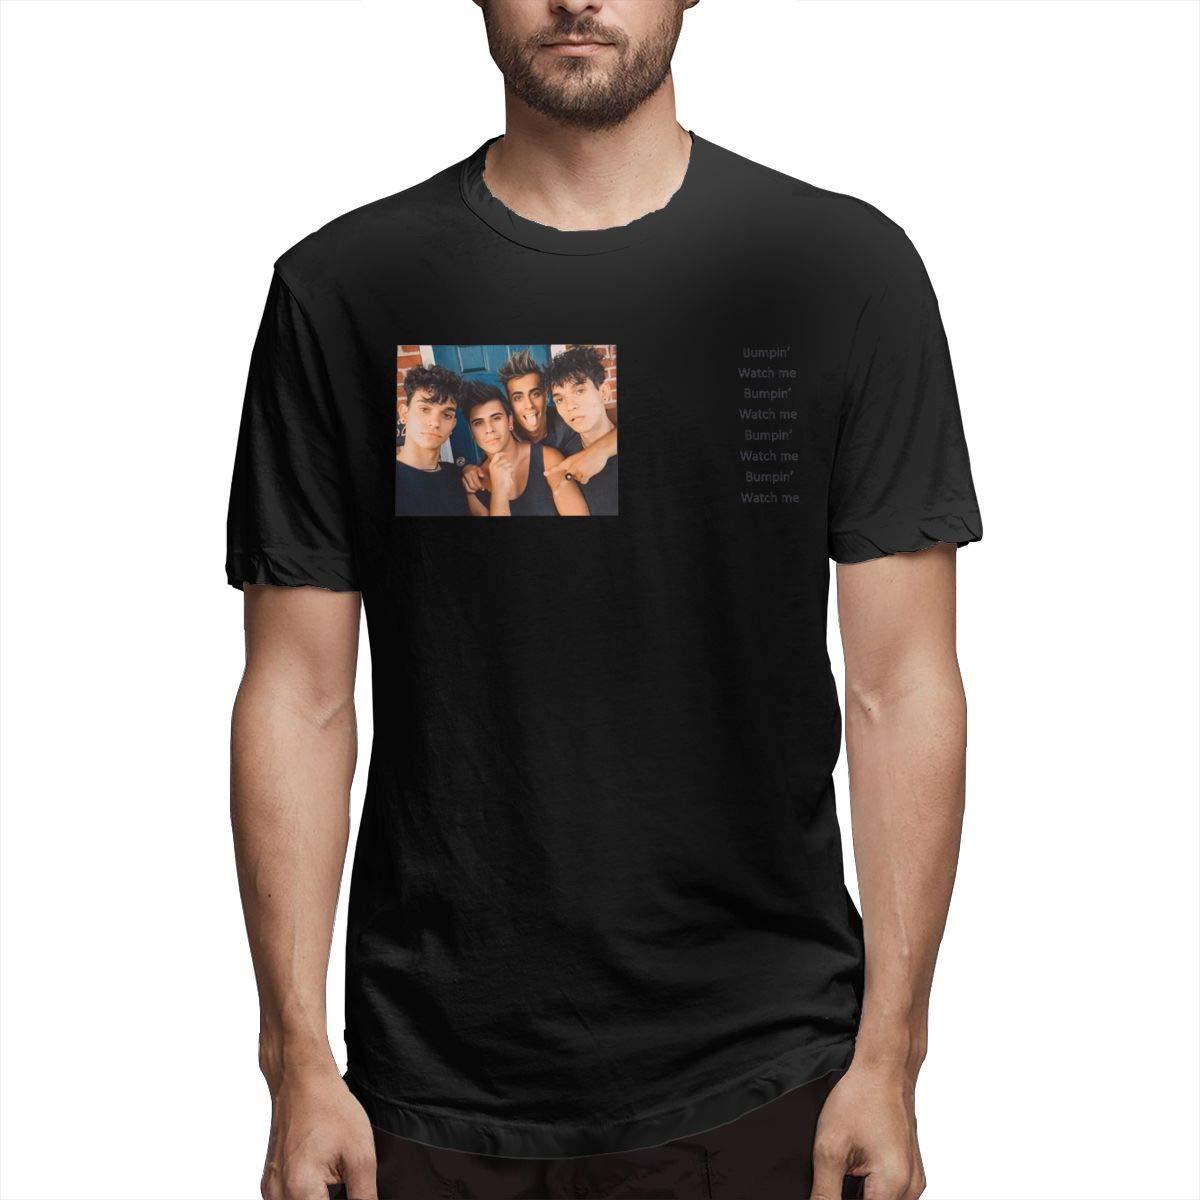 Dobre Brothers 00 Short Sleeve T Shirt Funny Retro 2468